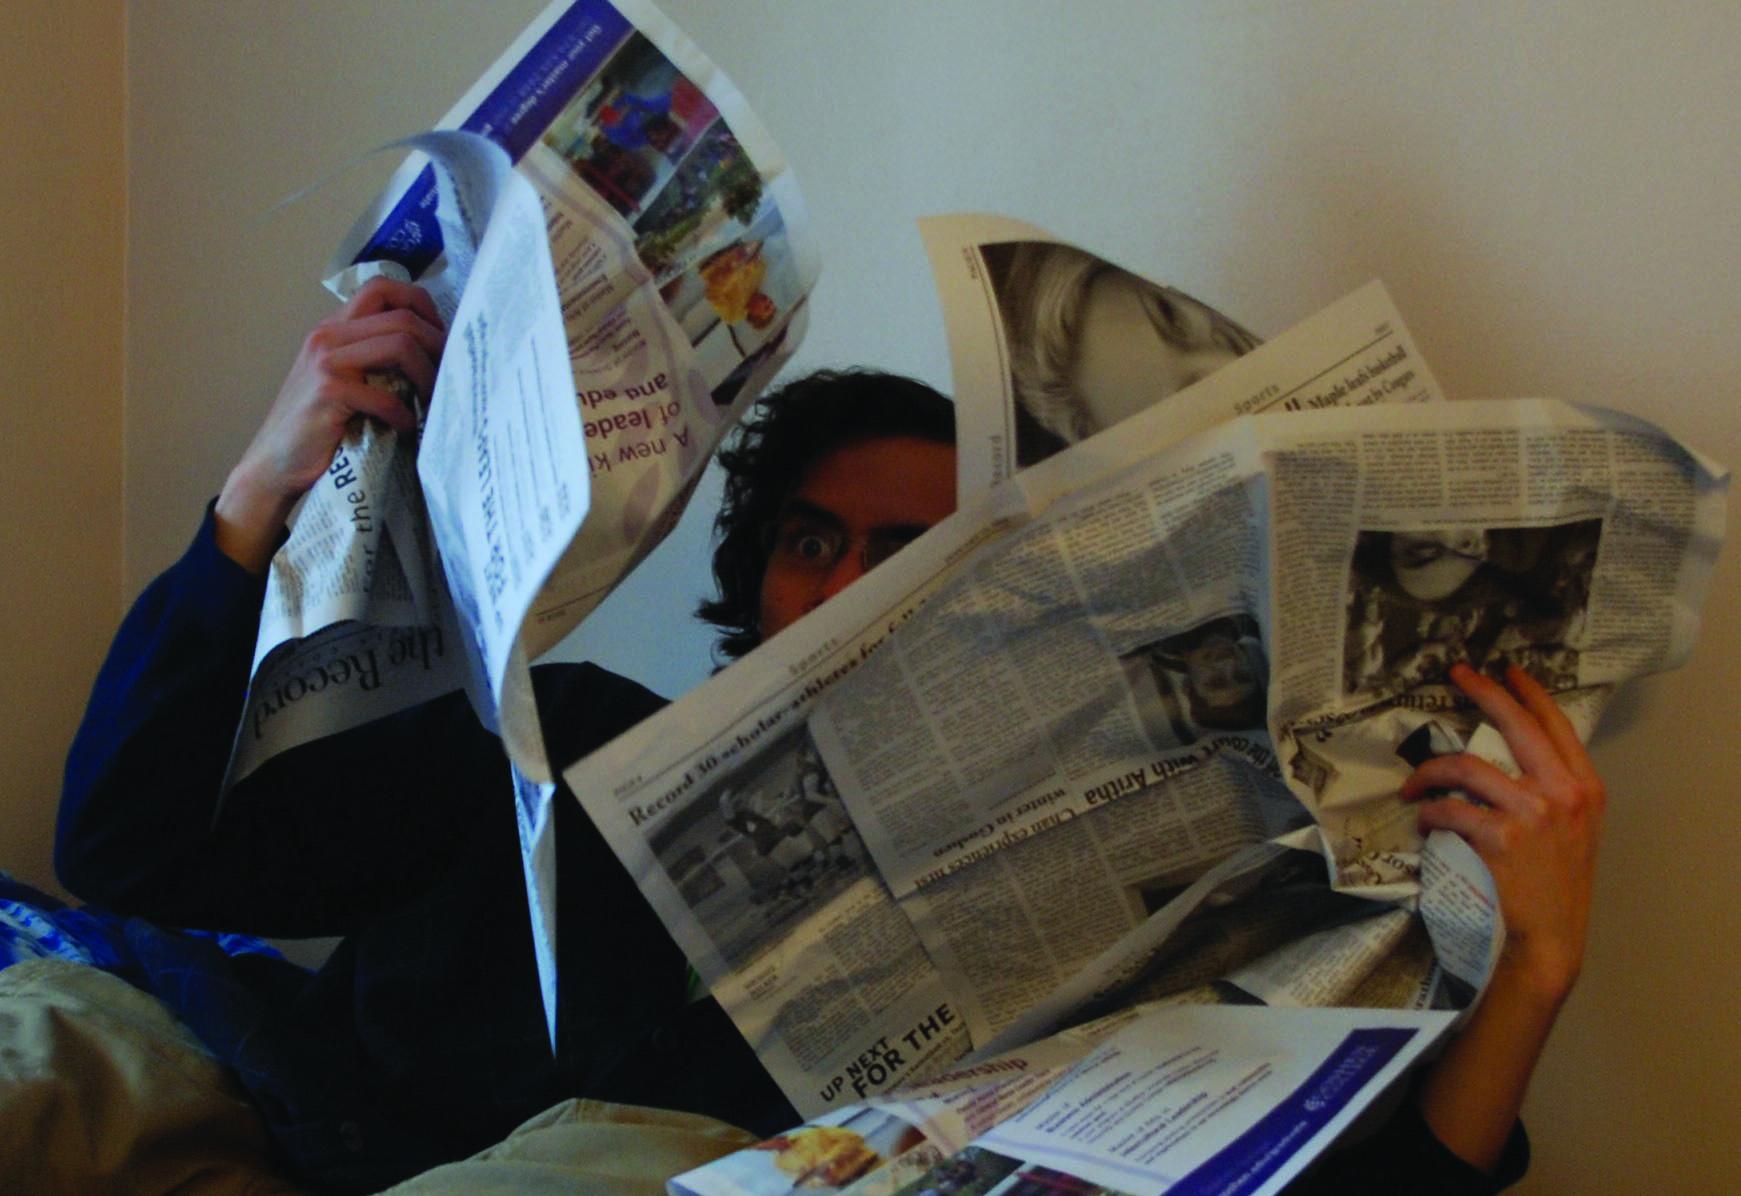 Reuben Ng hidden behind several Record newspapers